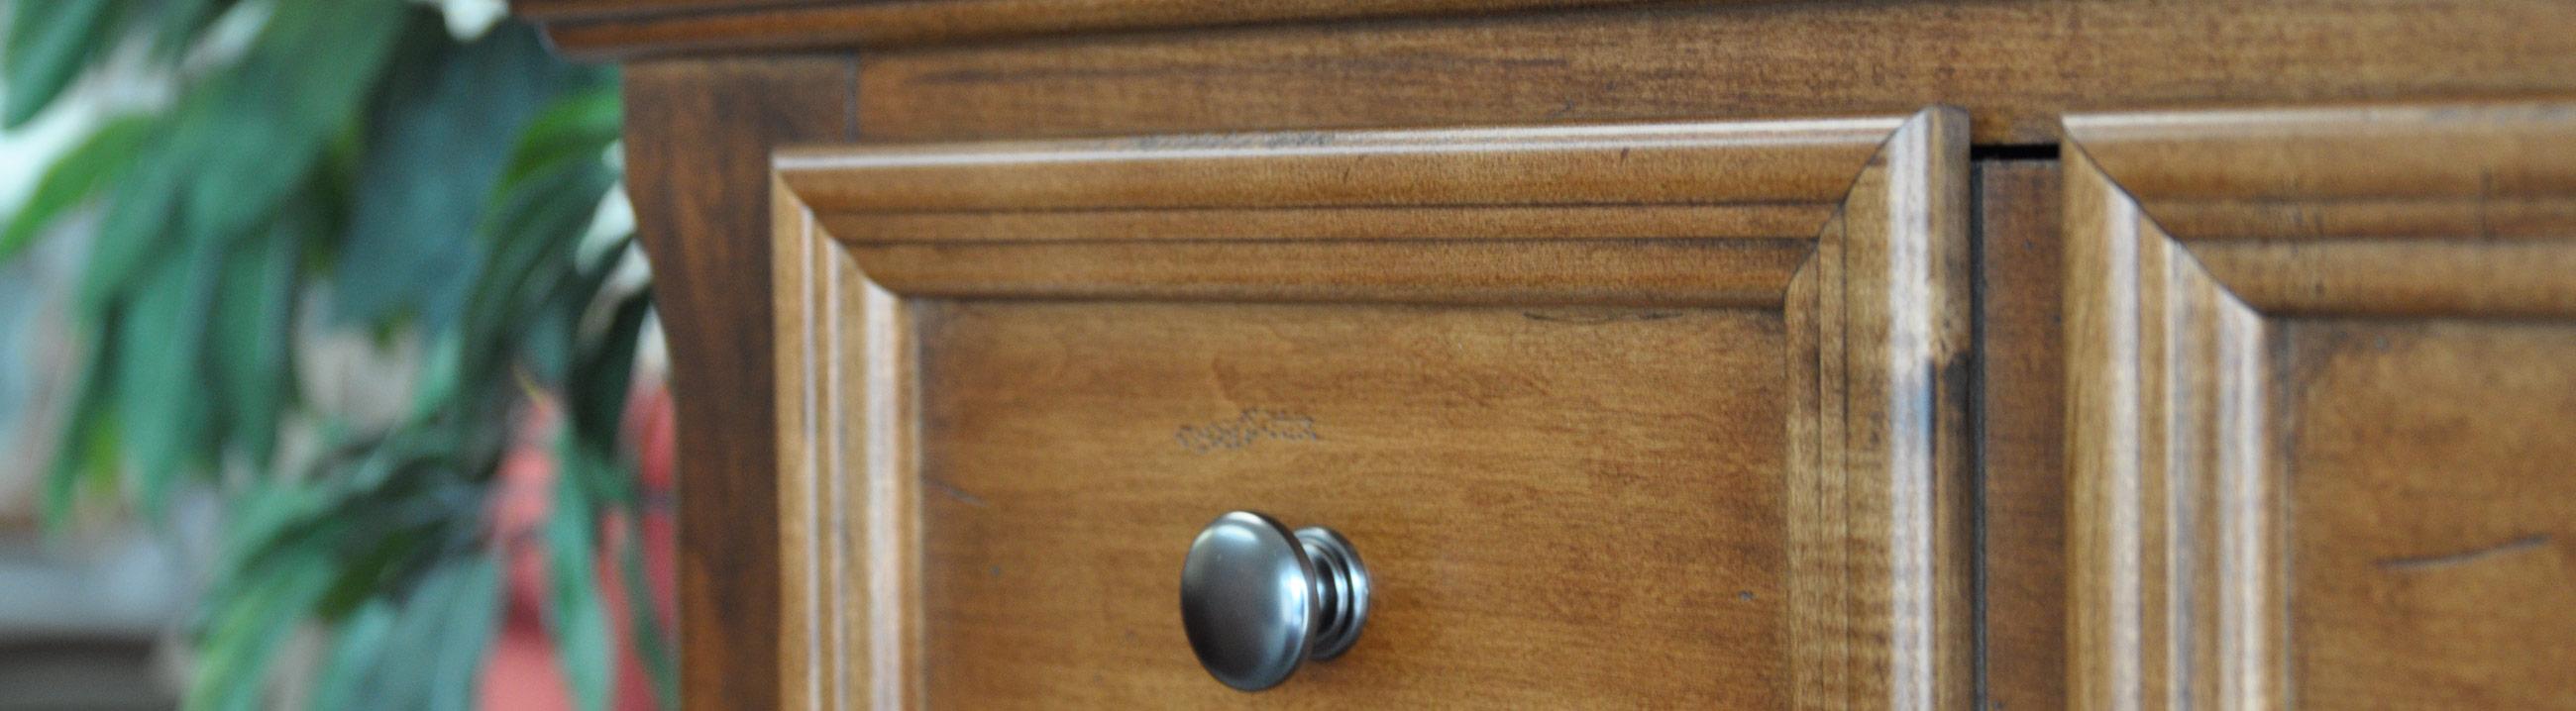 Accent Furniture Becker Furniture